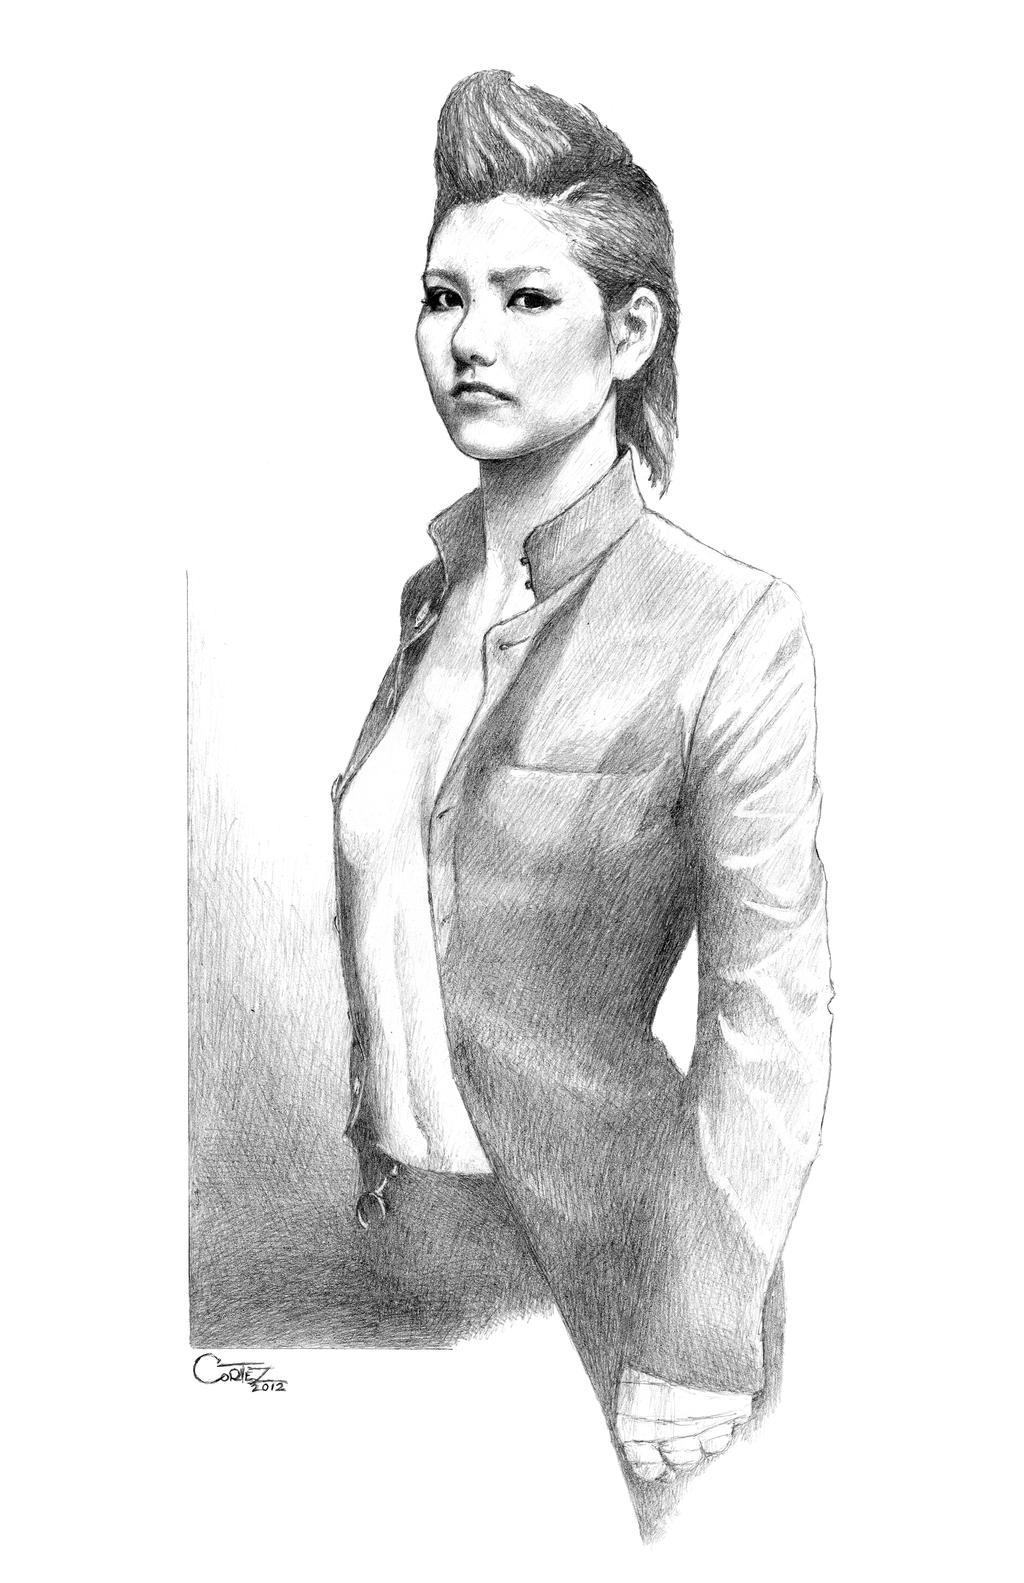 AKB48: Miyazawa Sae - Ikemen by Sumo0172